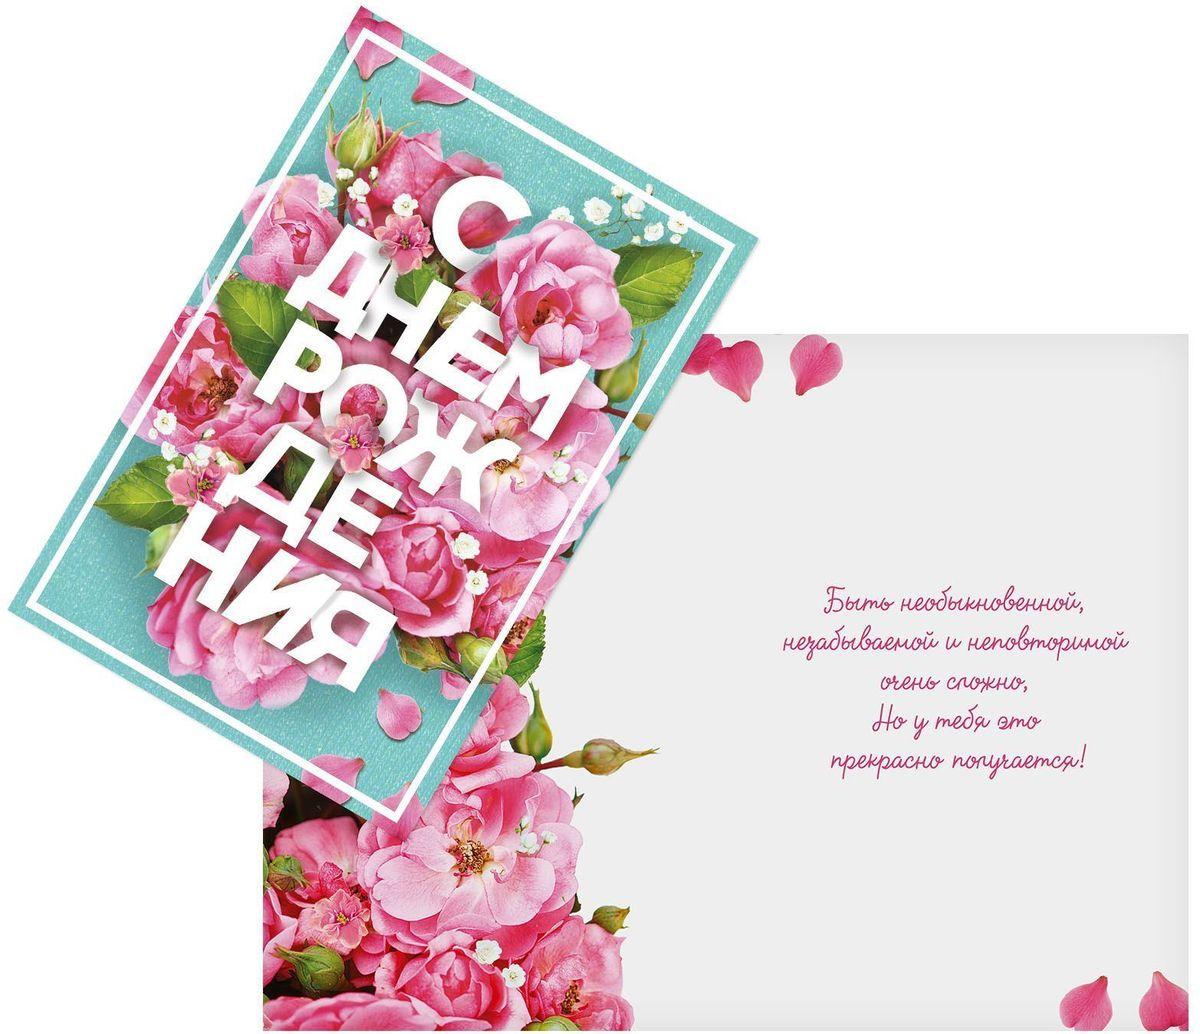 Открытка Дарите cчастье Буквы на цветах, 12 х 18 смБрелок для ключейАтмосферу праздника создают детали: свечи, цветы, бокалы, воздушные шары и поздравительные открытки — яркие и весёлые, романтичные и нежные, милые и трогательные. Расскажите о своих чувствах дорогому для вас человеку, поделитесь радостью с близкими и друзьями. Открытка с креативным дизайном вам в этом поможет.